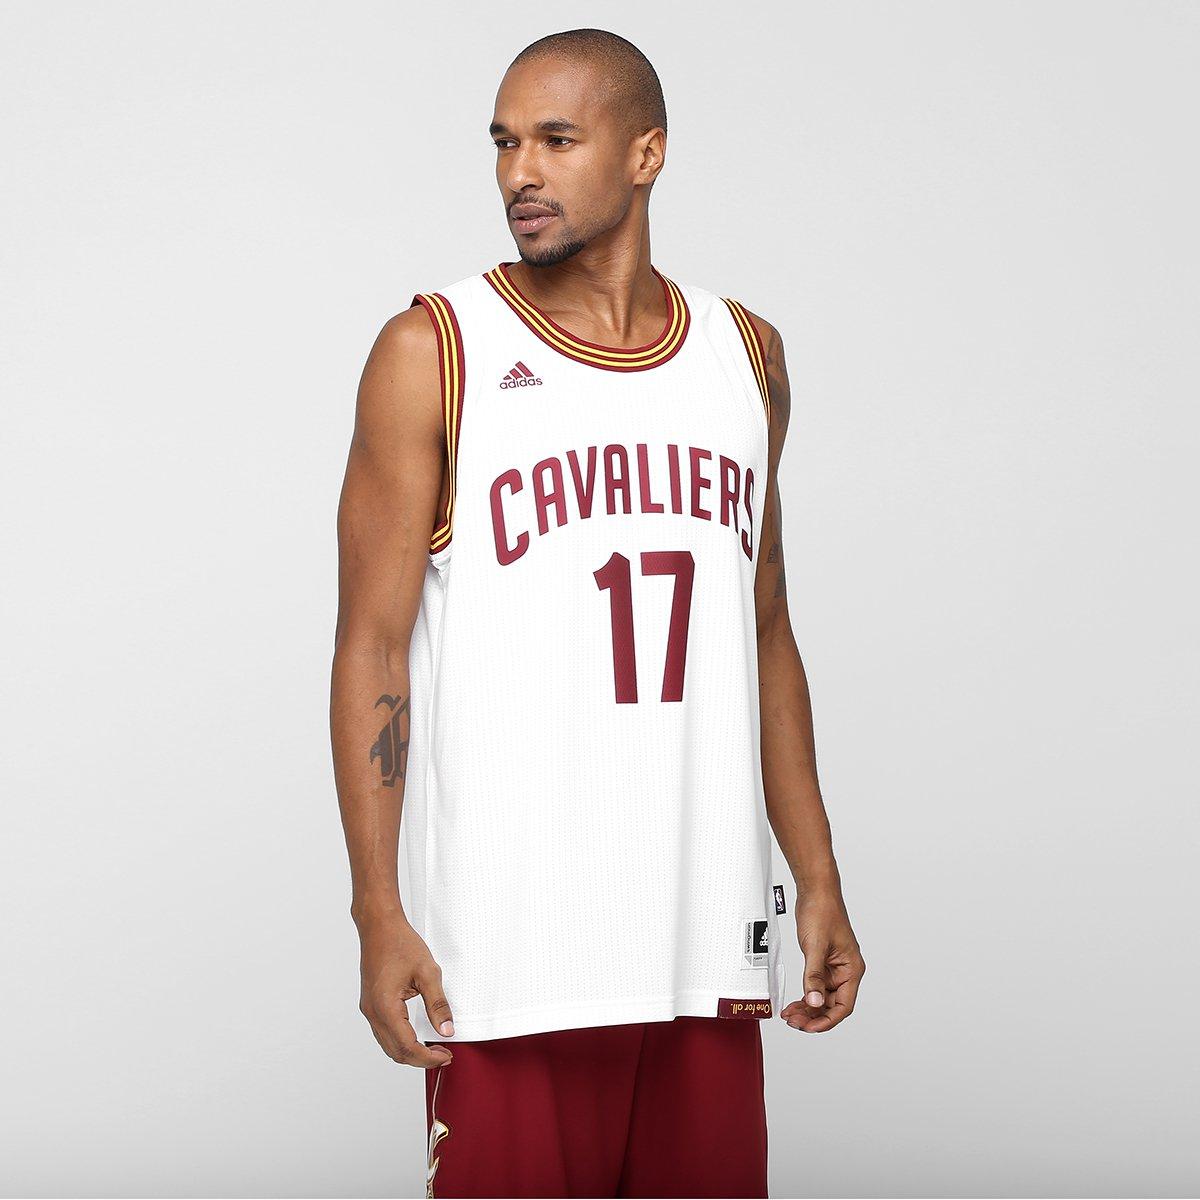 Llevando Venta anticipada Solenoide  Camiseta Regata Adidas NBA Cleveland Cavaliers - Varejao | Netshoes